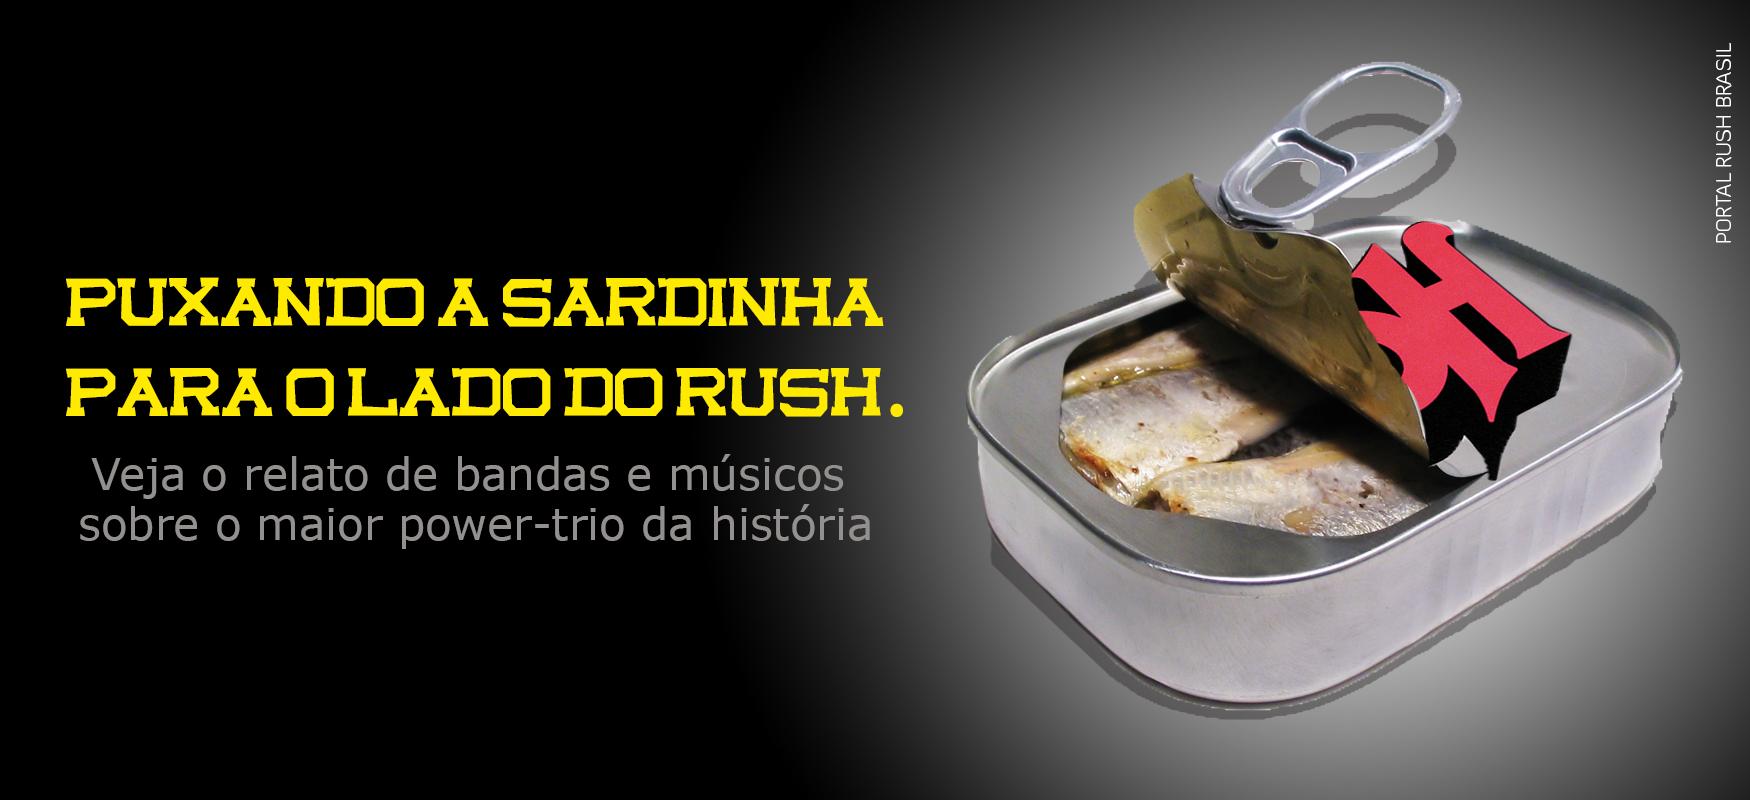 puxando sardinha - banner para o Portal